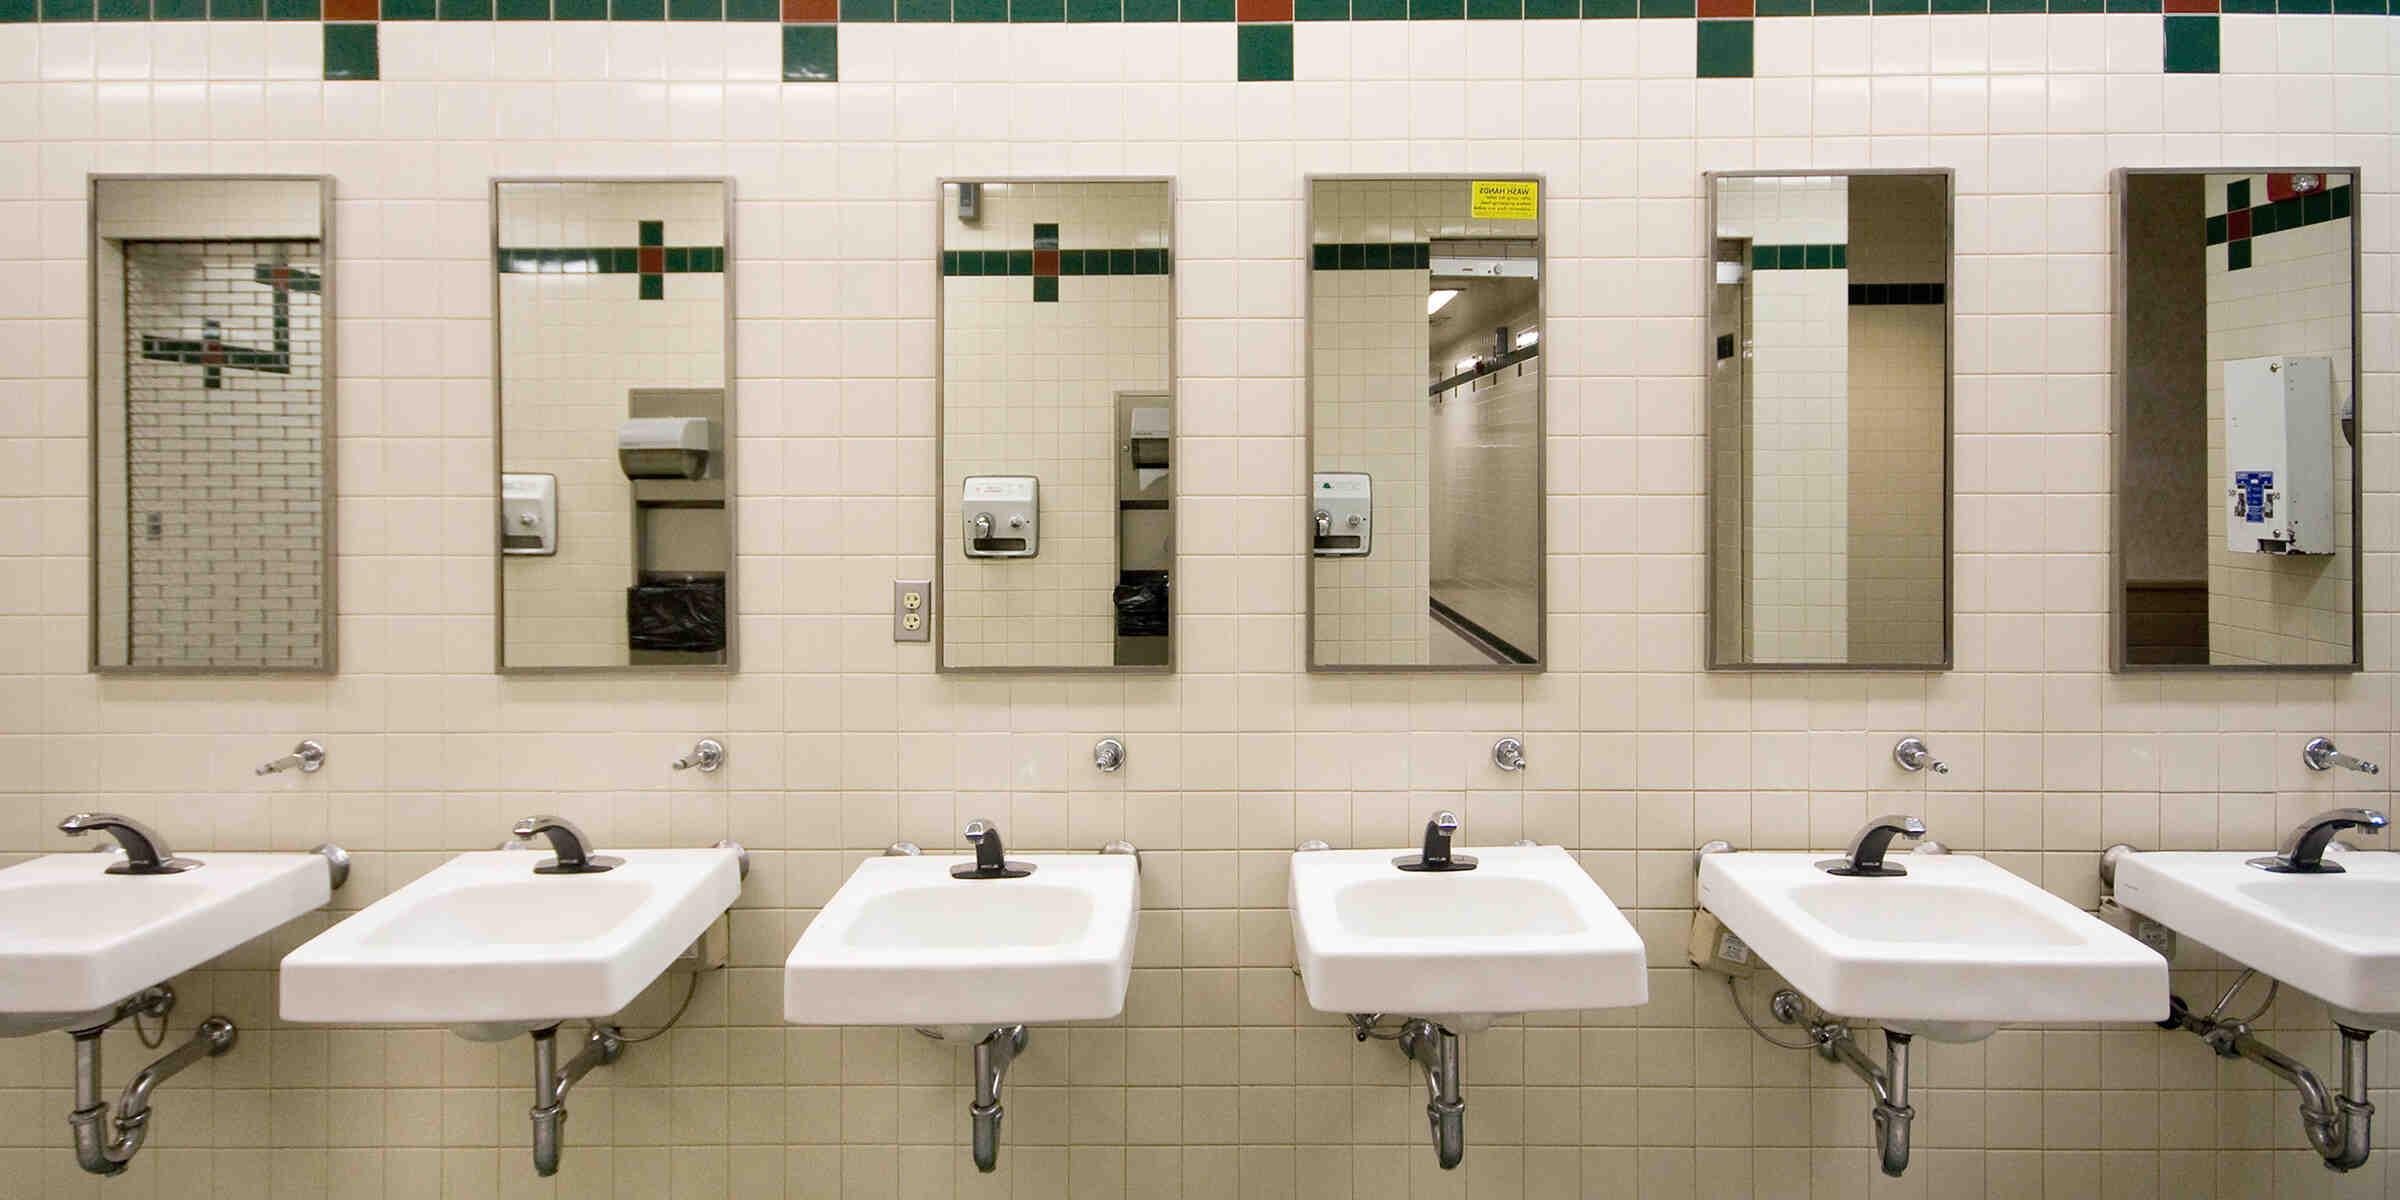 Comment utiliser des toilettes publiques